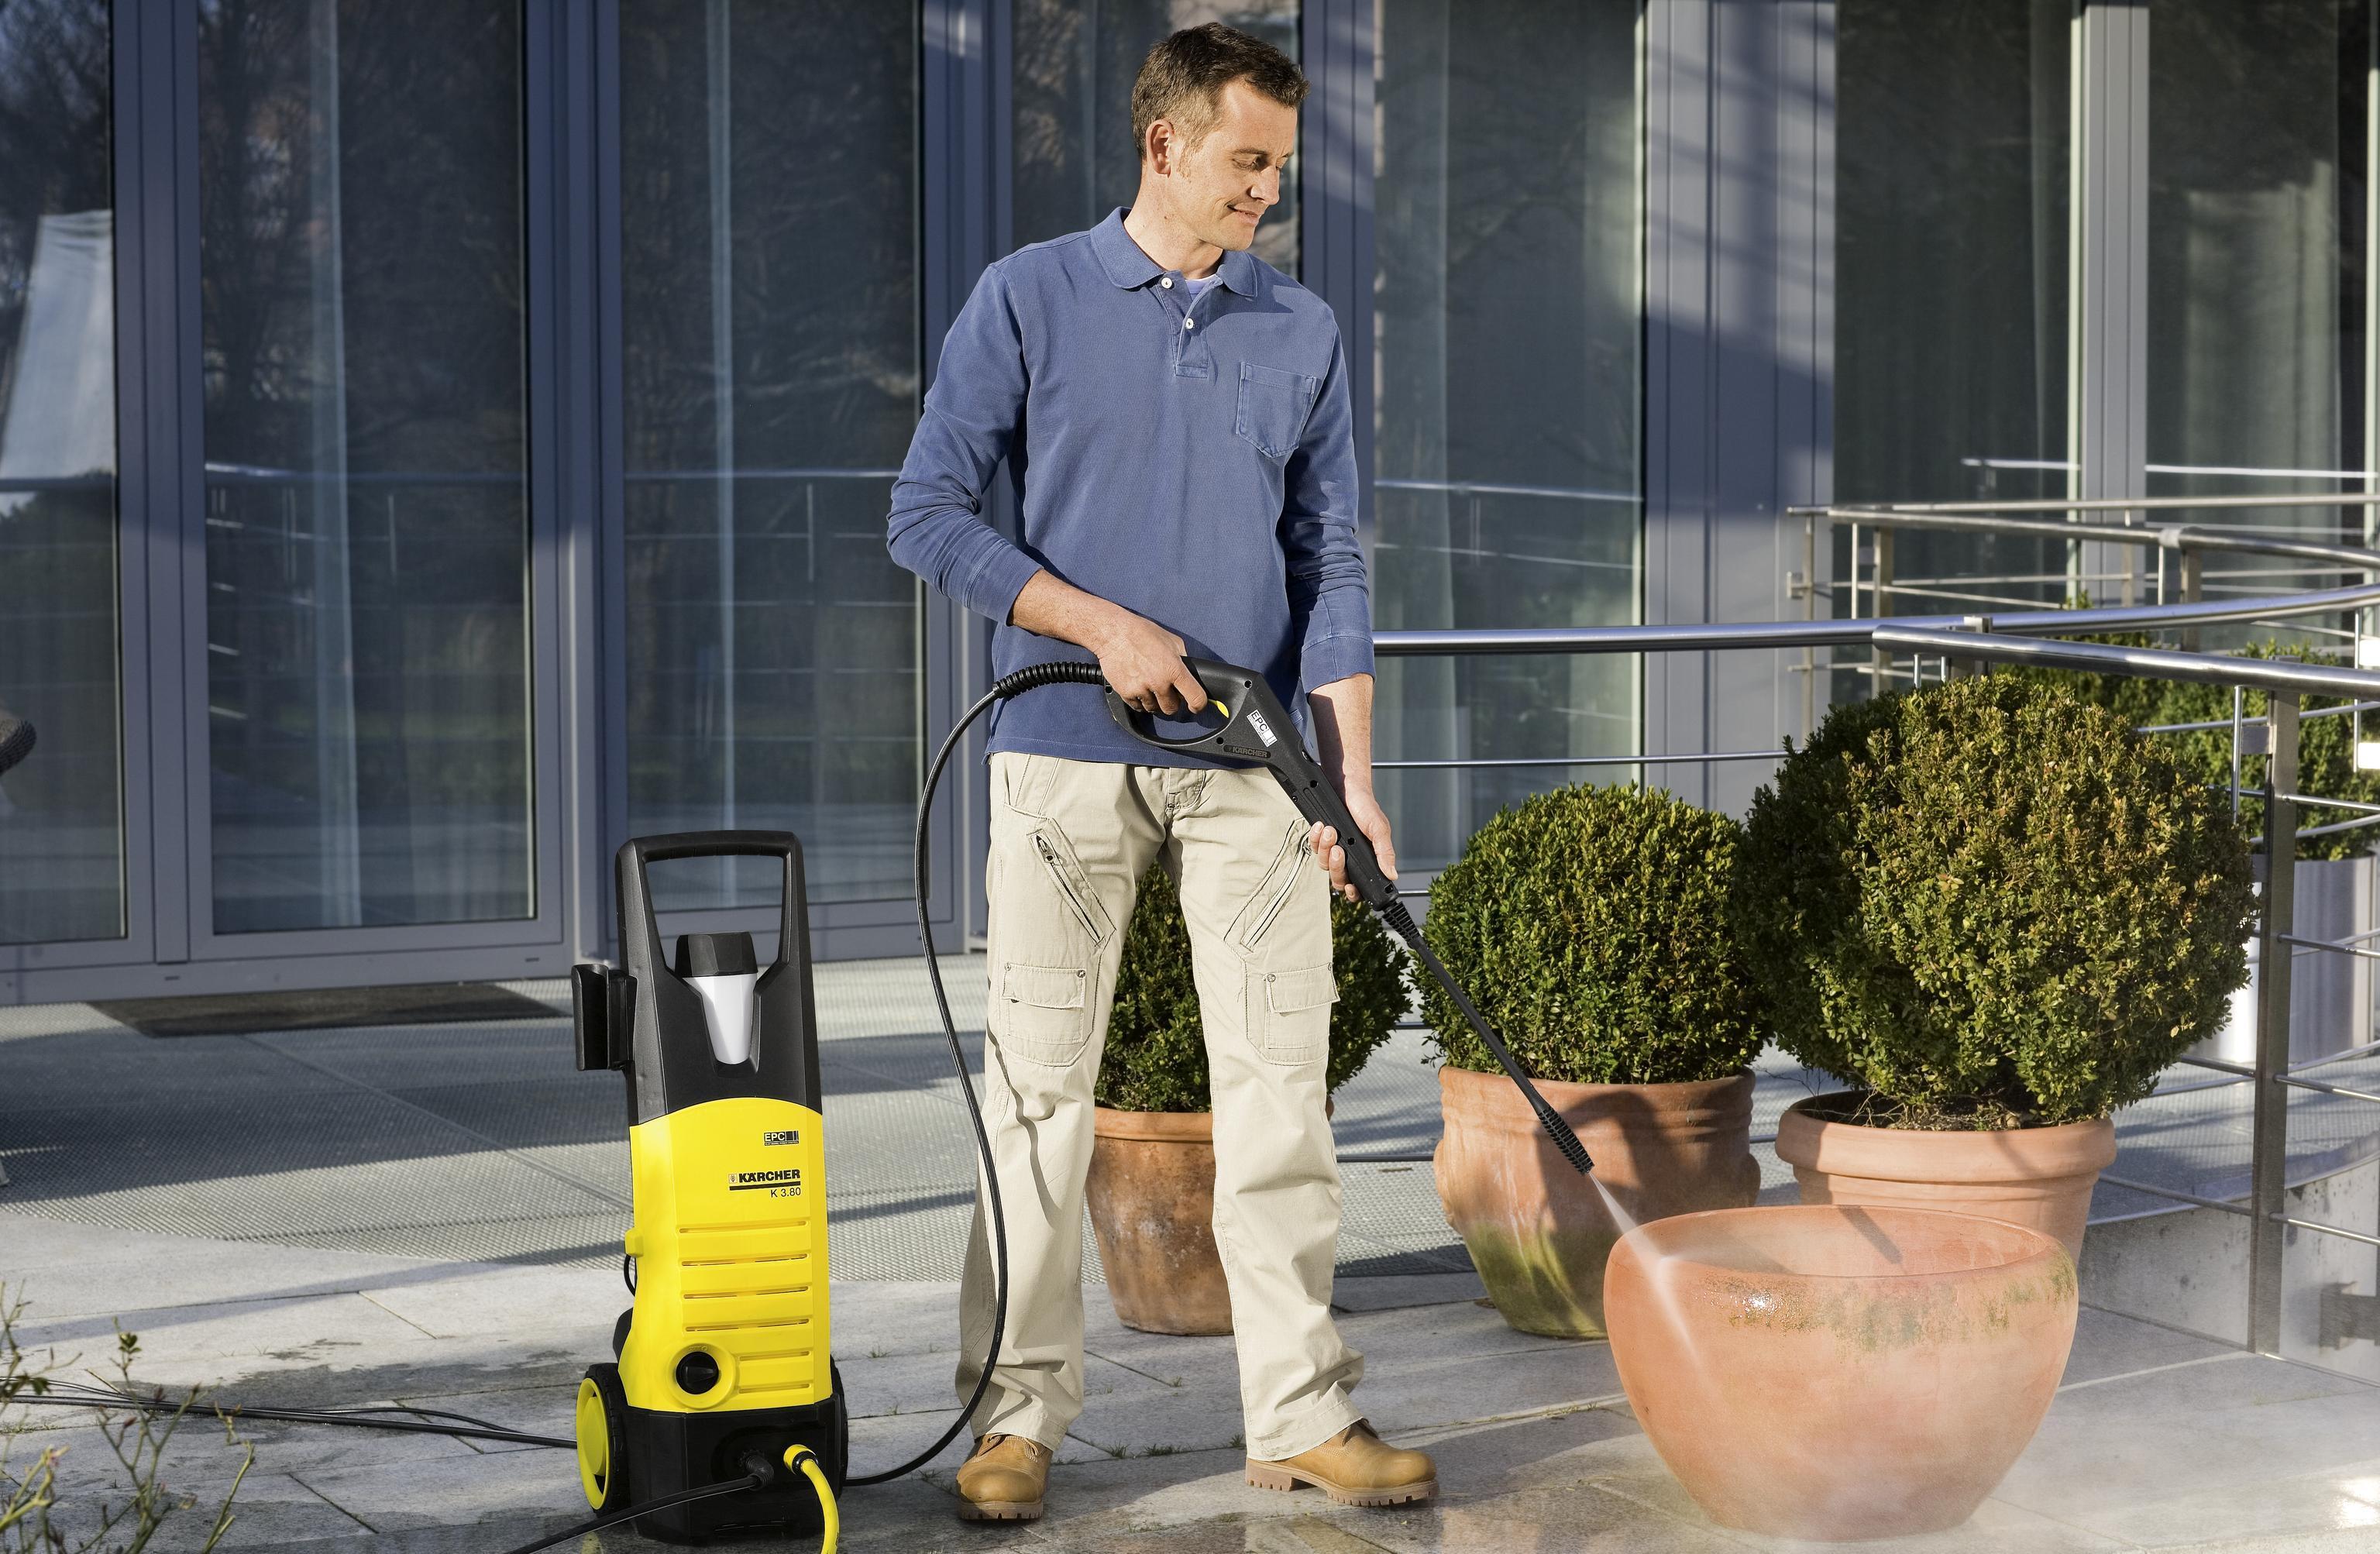 Мини-мойка поможет в генеральной уборке снаружи. Фото с сайта dodveri.su